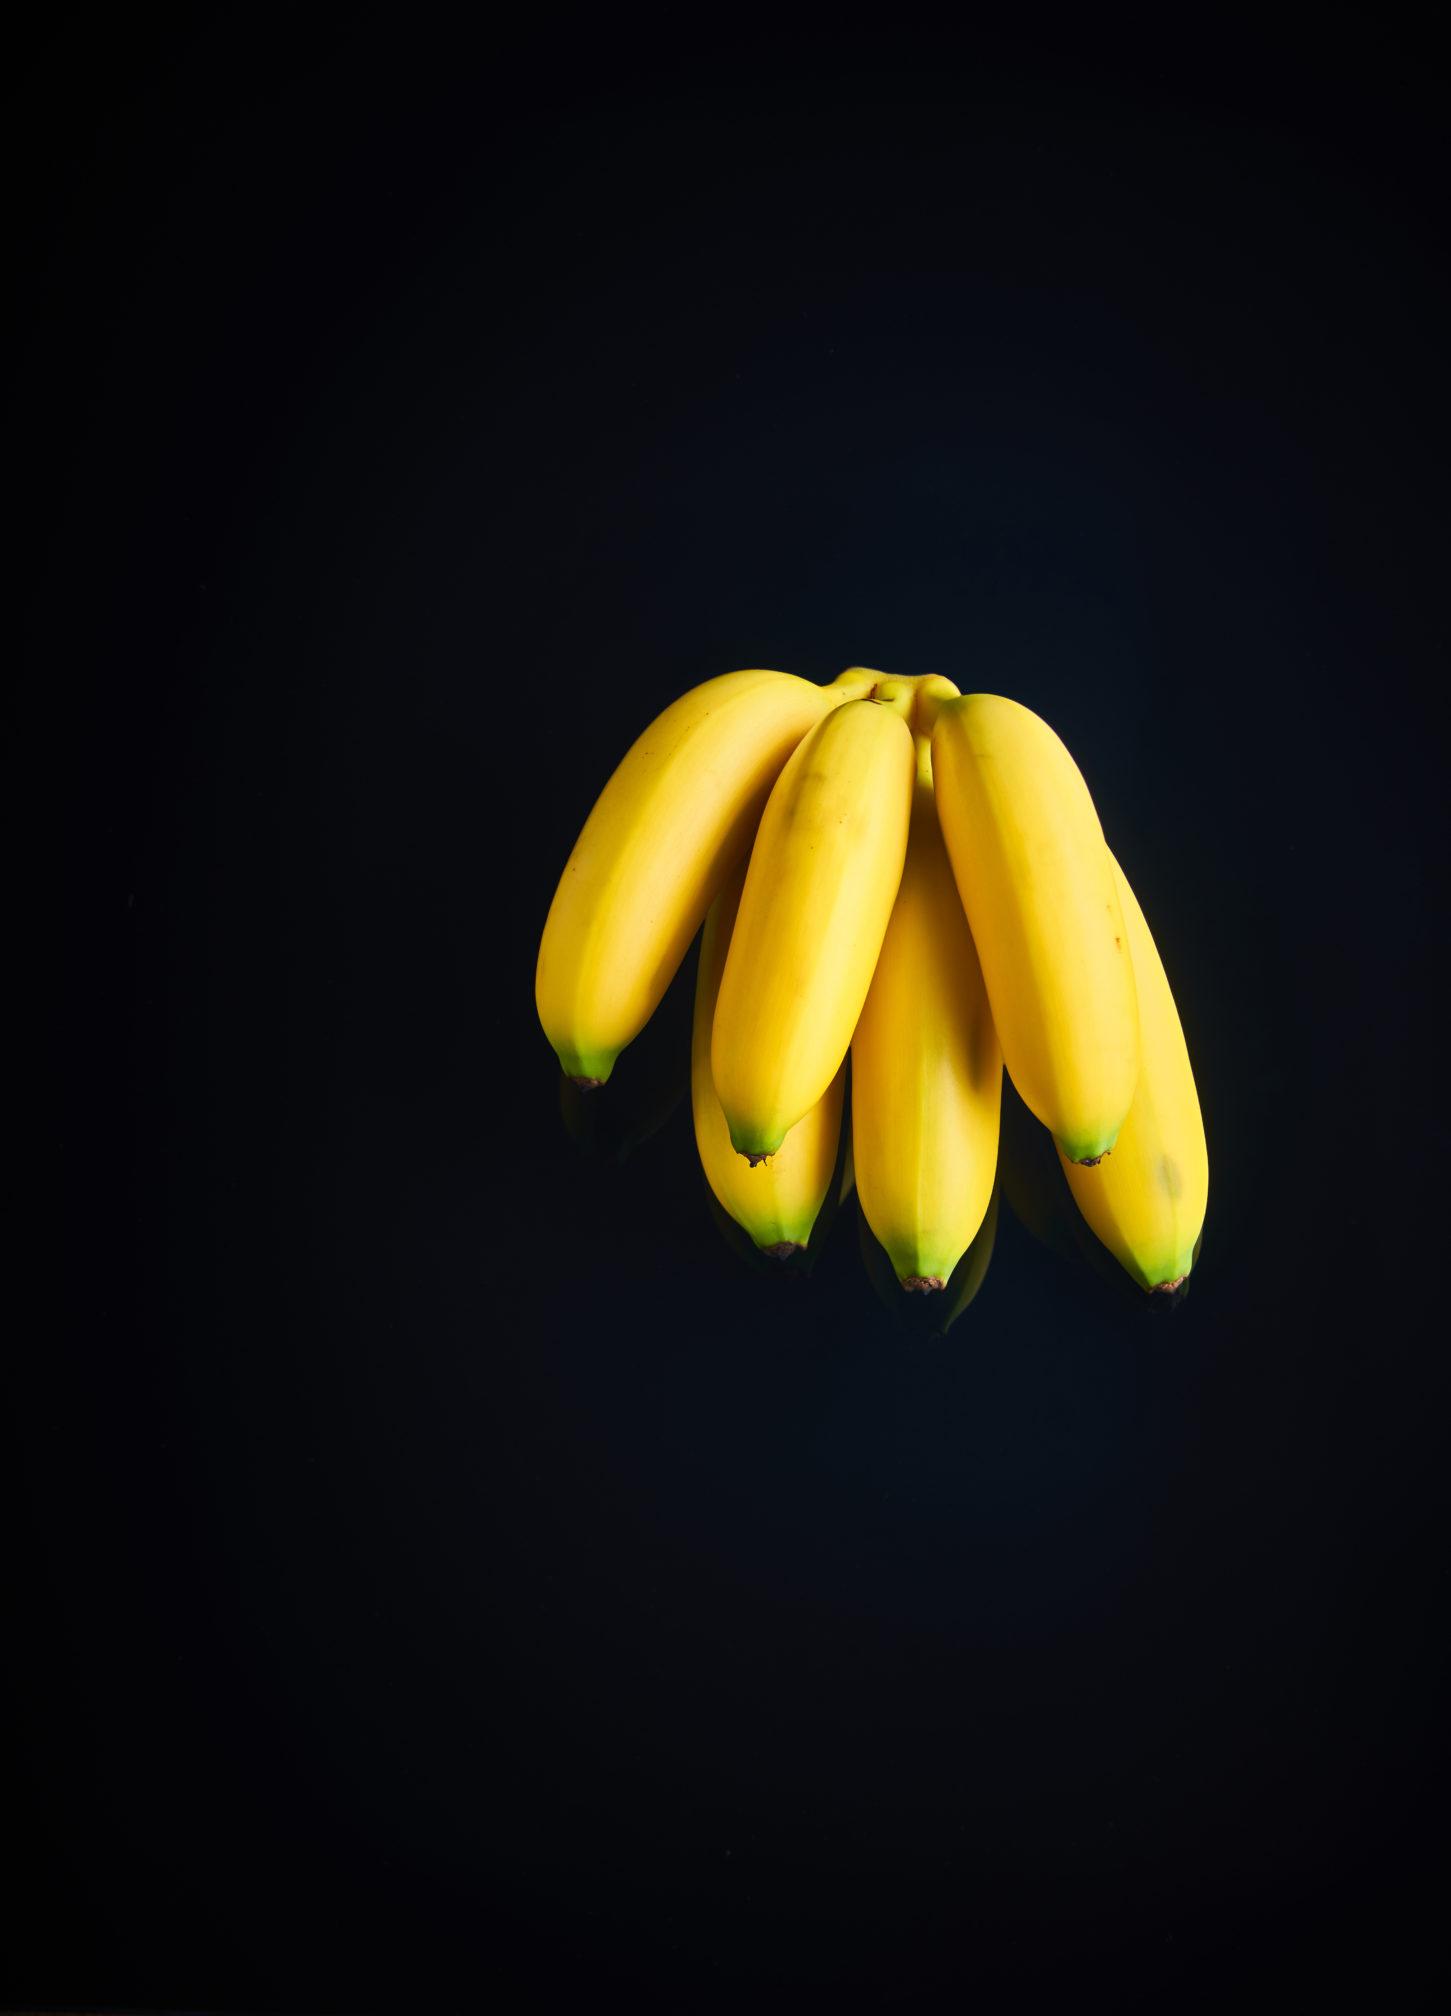 capexo-lilot-fruits-exotique-banane-frécinette-Colombie-Equateur